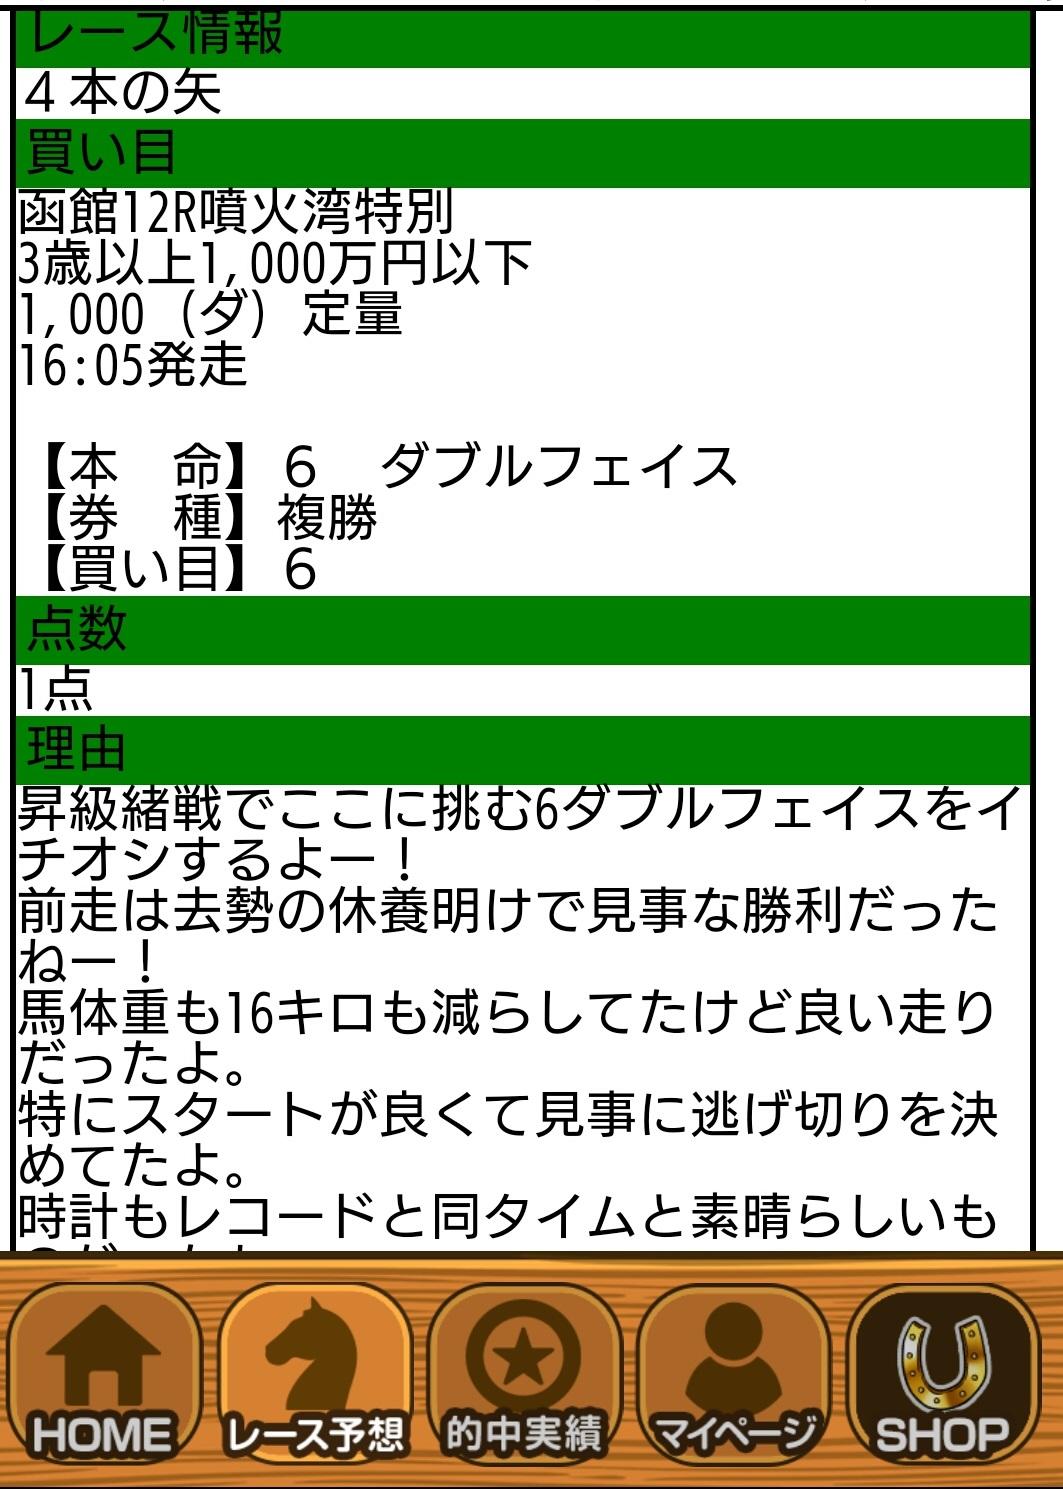 7/9的中実績 4本の矢 アタルくん